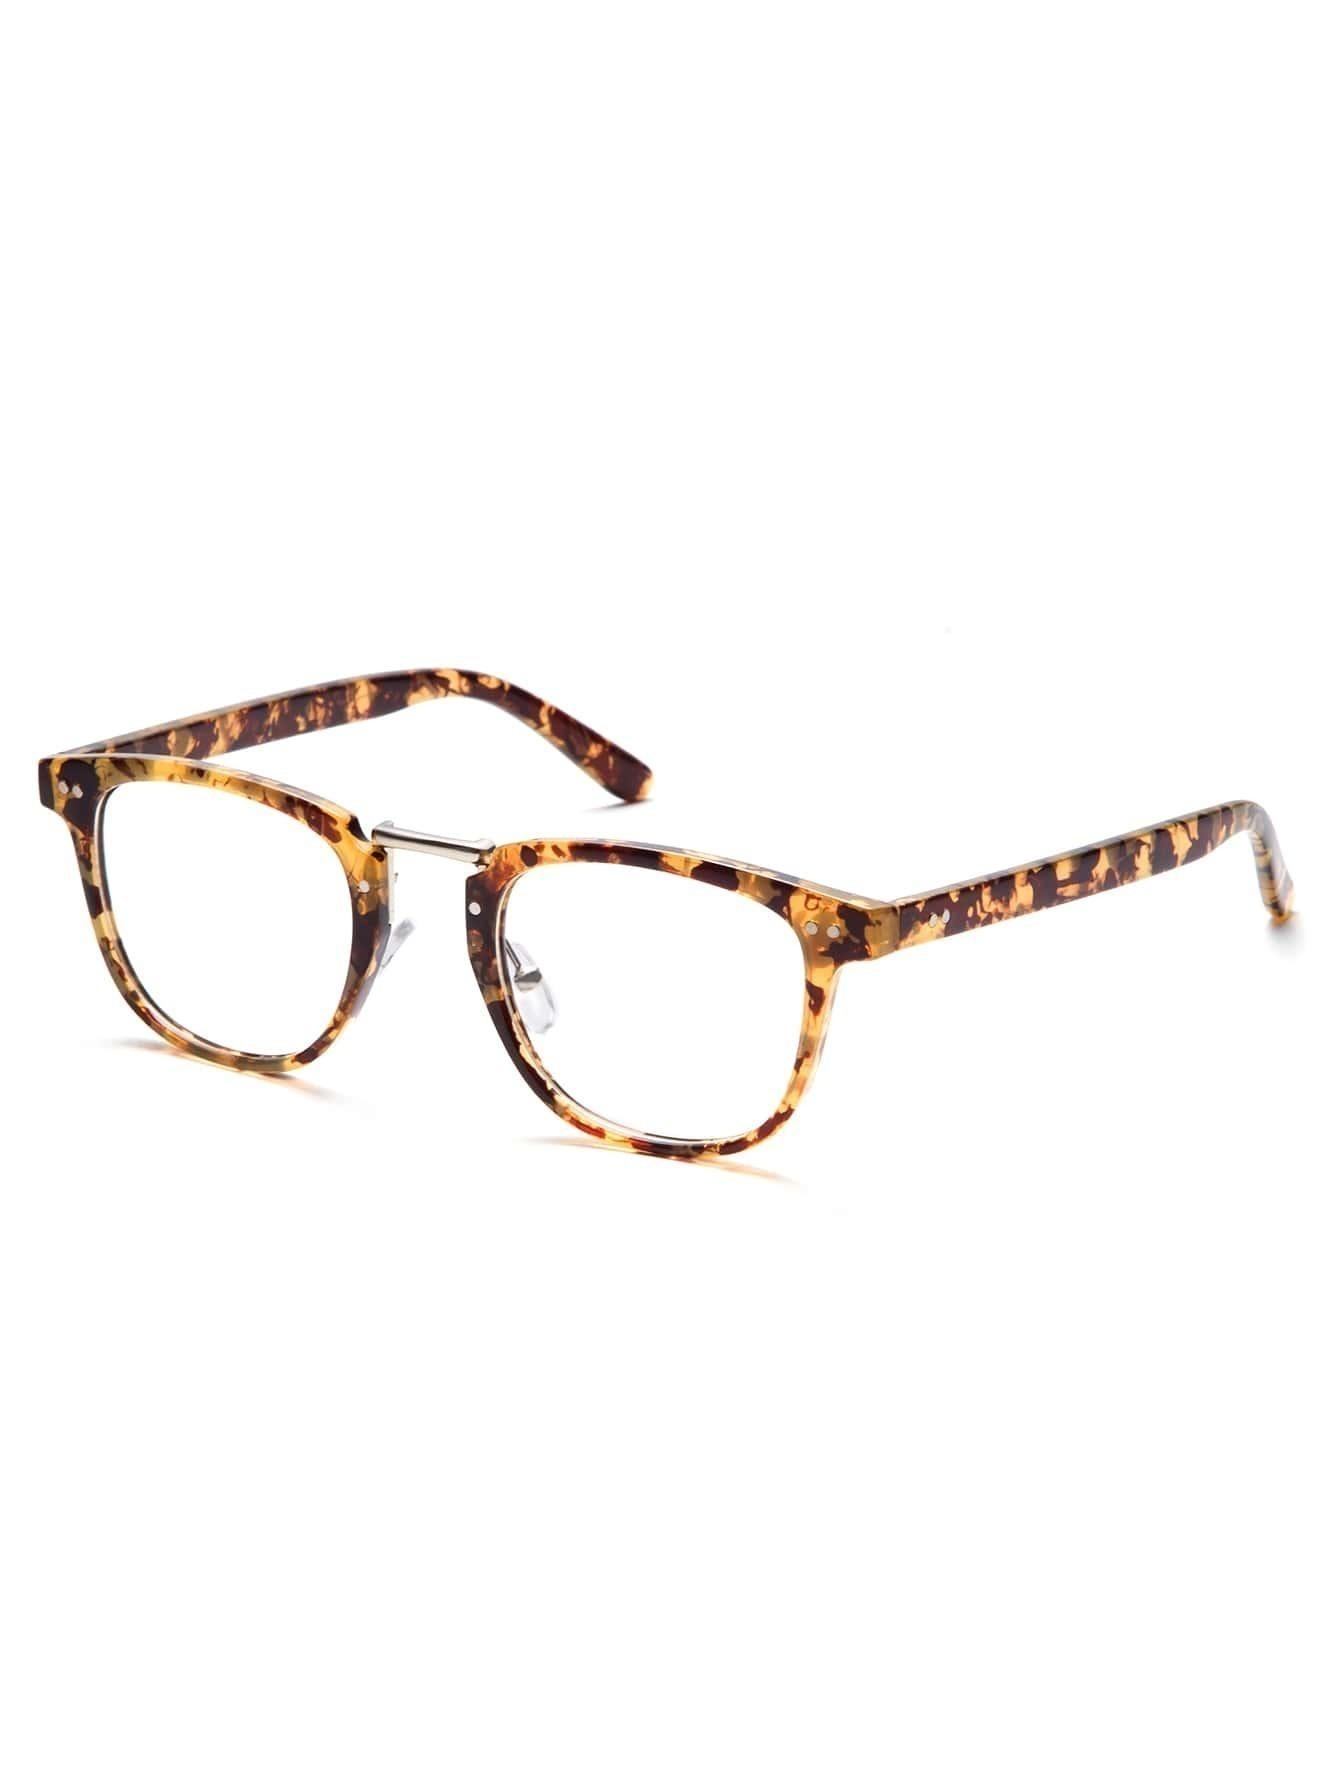 brown tortoise frame clear lens glasses